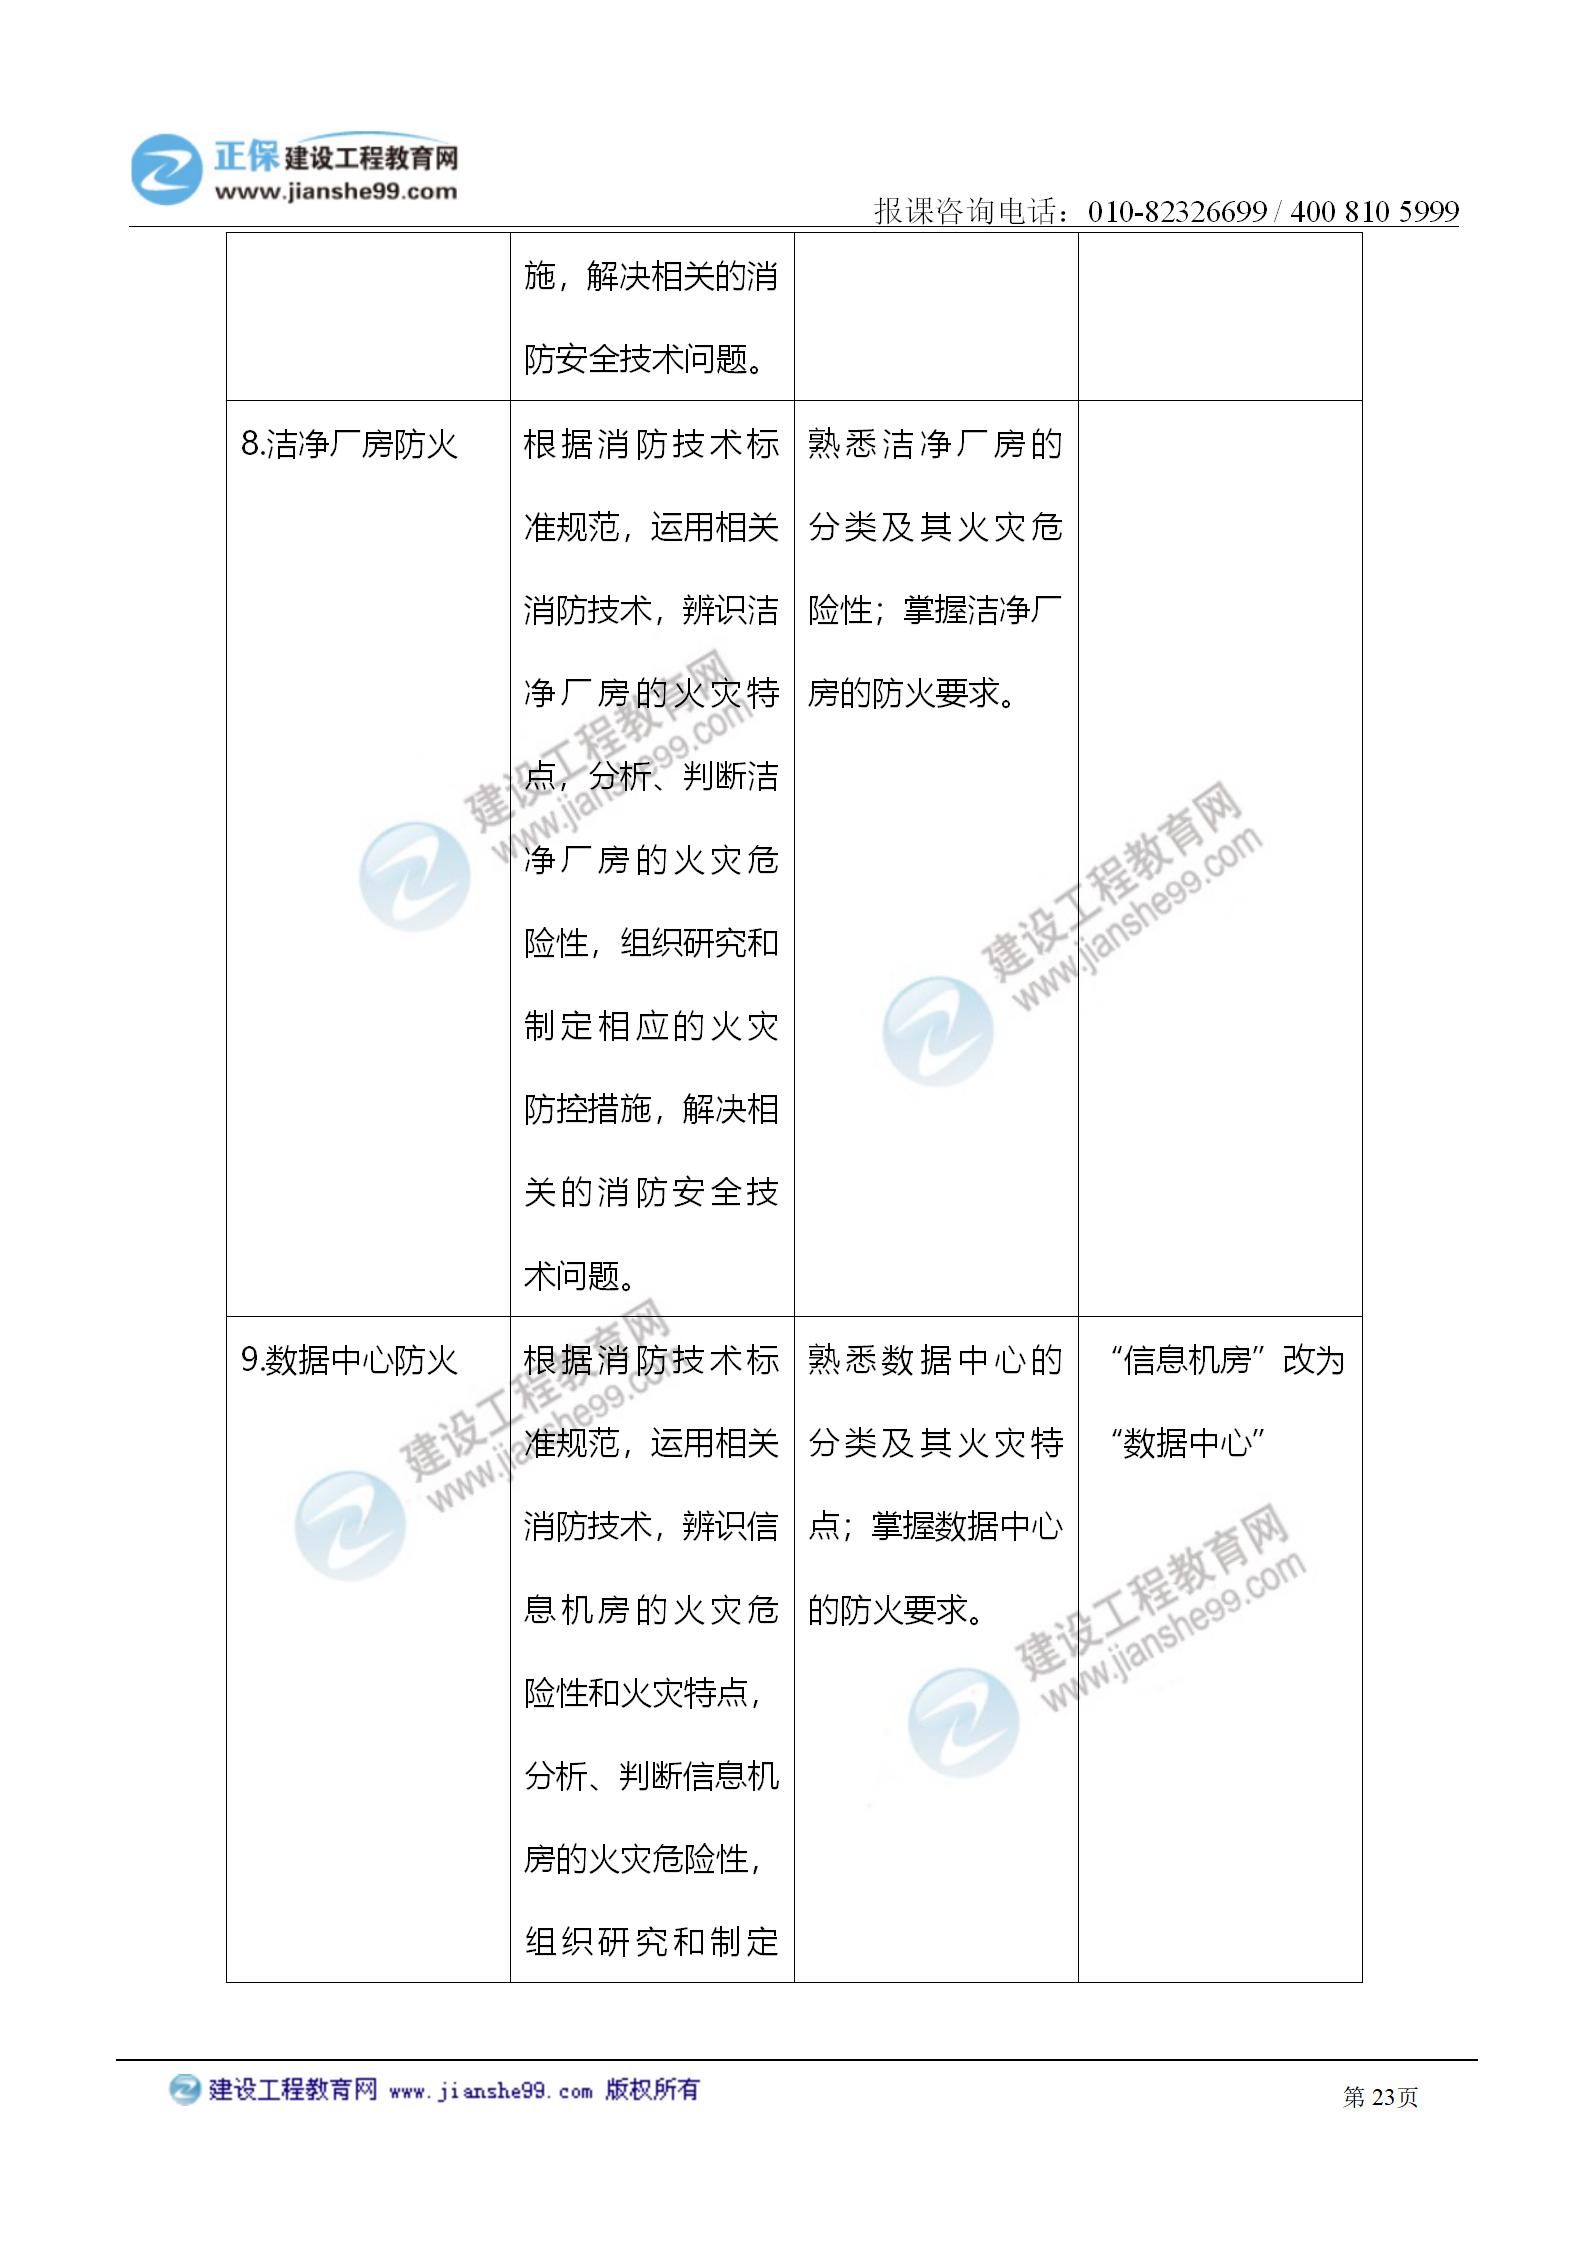 2021注册消防工程师《技术实务》考试大纲变化情况_23